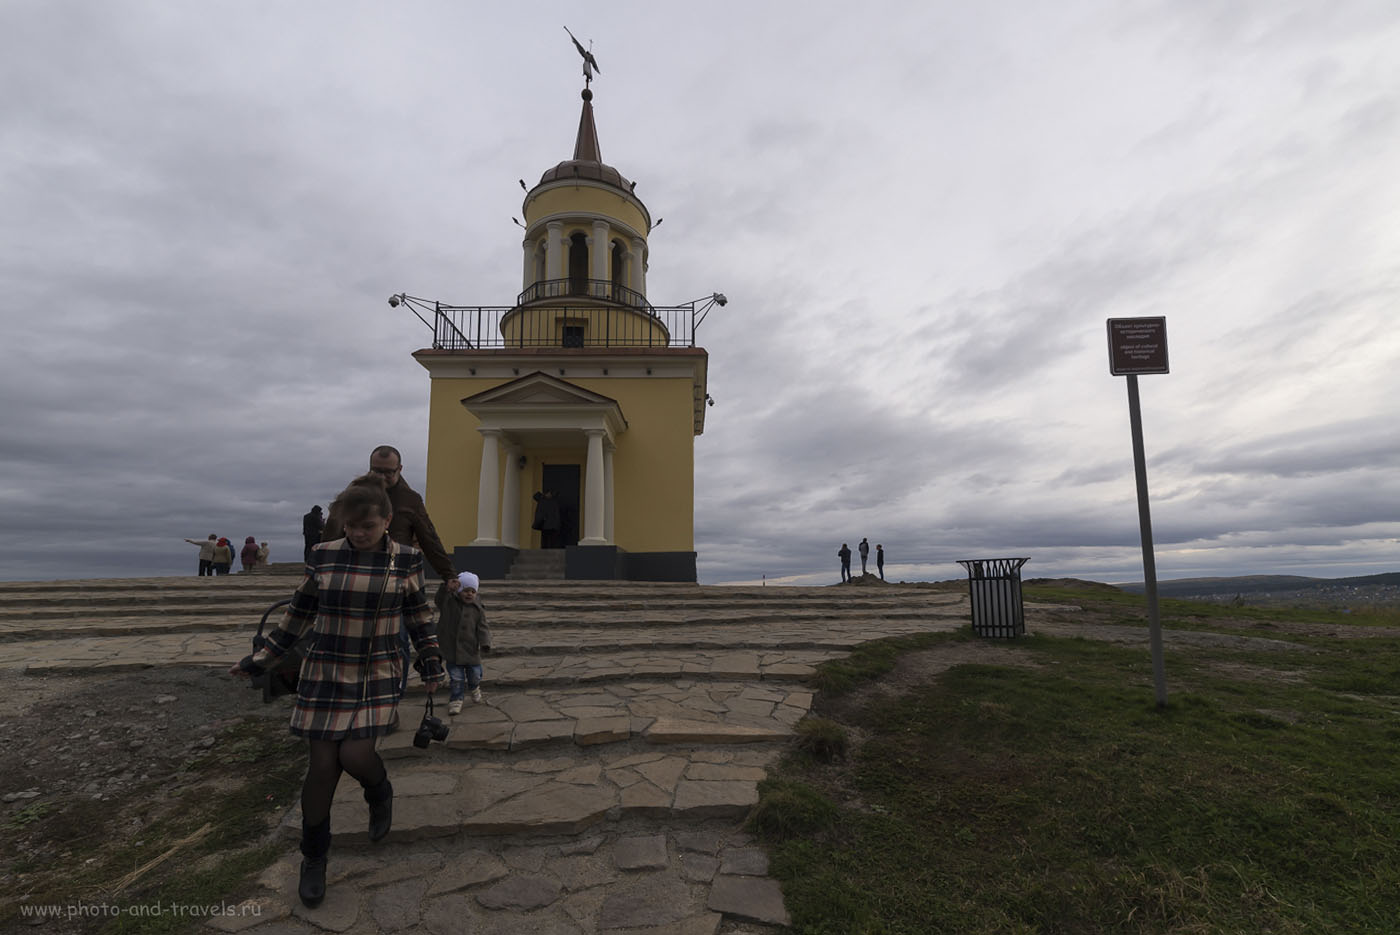 Фотография №27. Сторожевая башня на Лисьей горе в Нижнем Тагиле